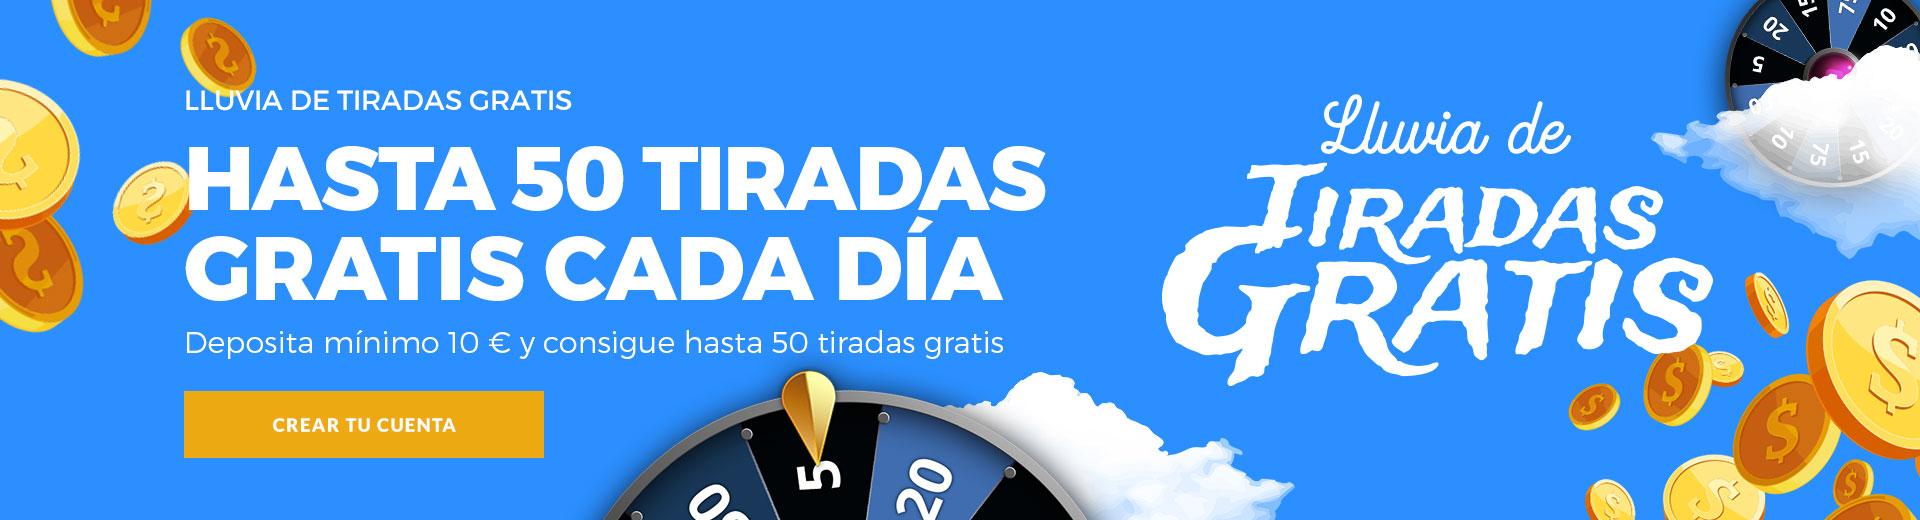 Juegos de apuestas tiradas gratis Proprietary-473944